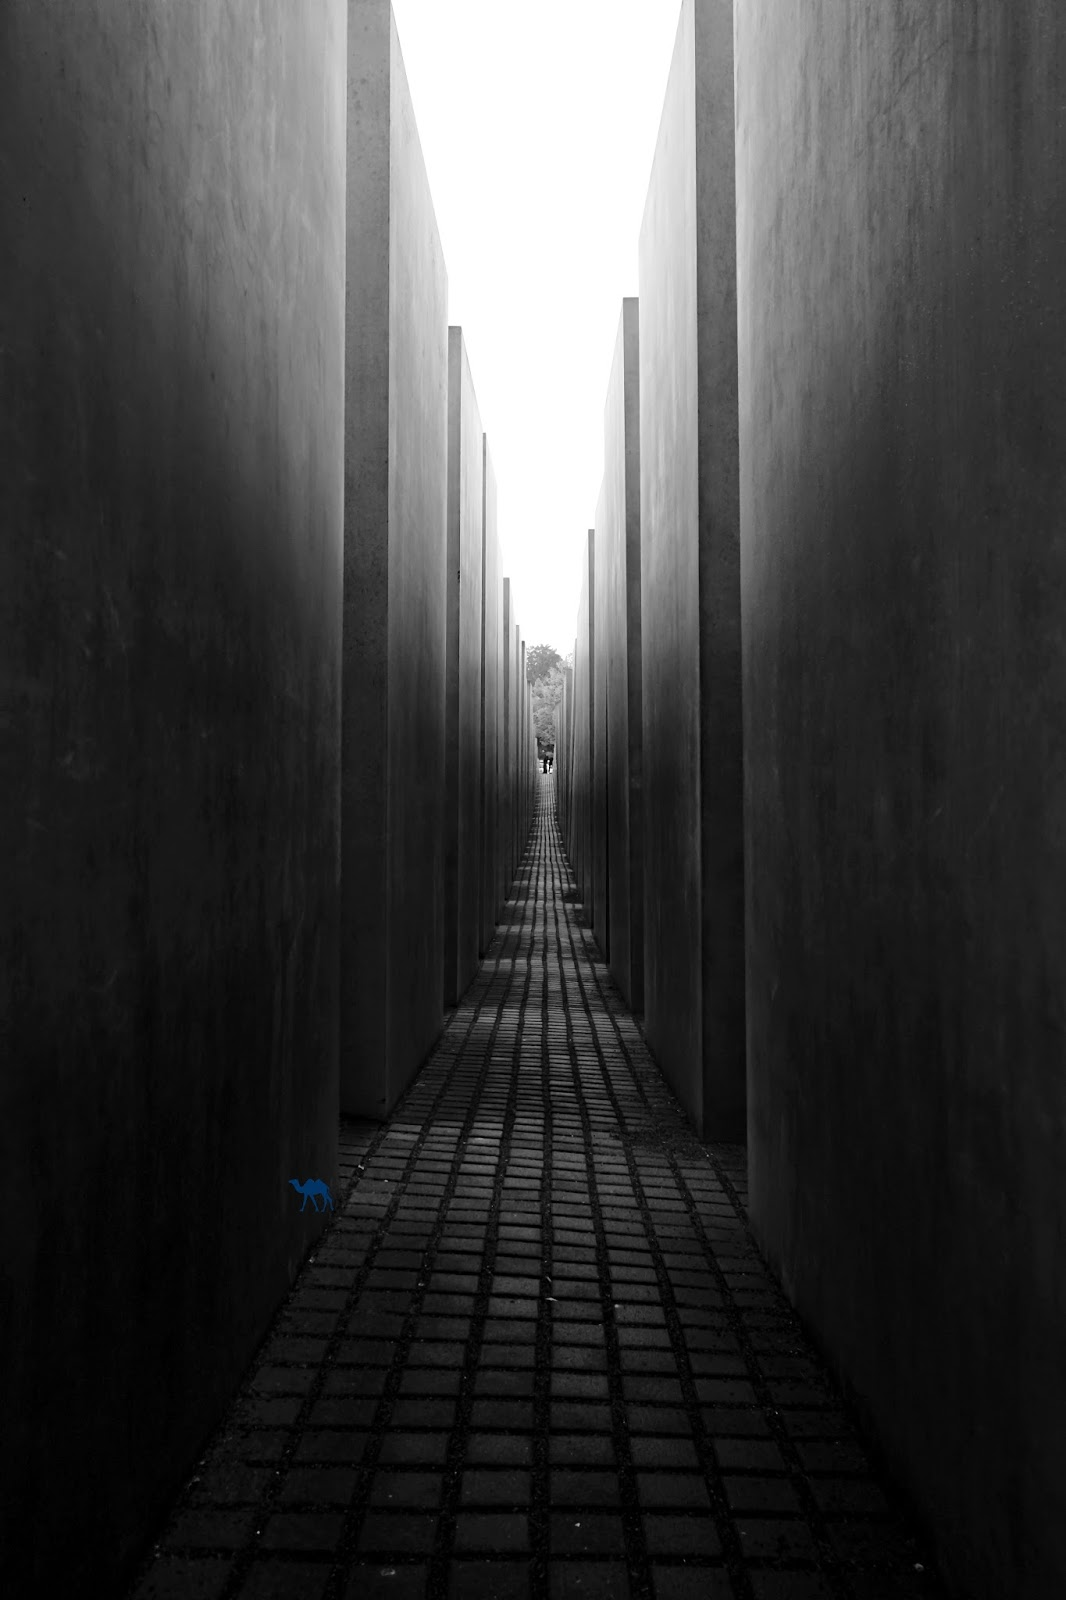 Le Chameau Bleu - Berlin - Mémorial de l'Holocauste